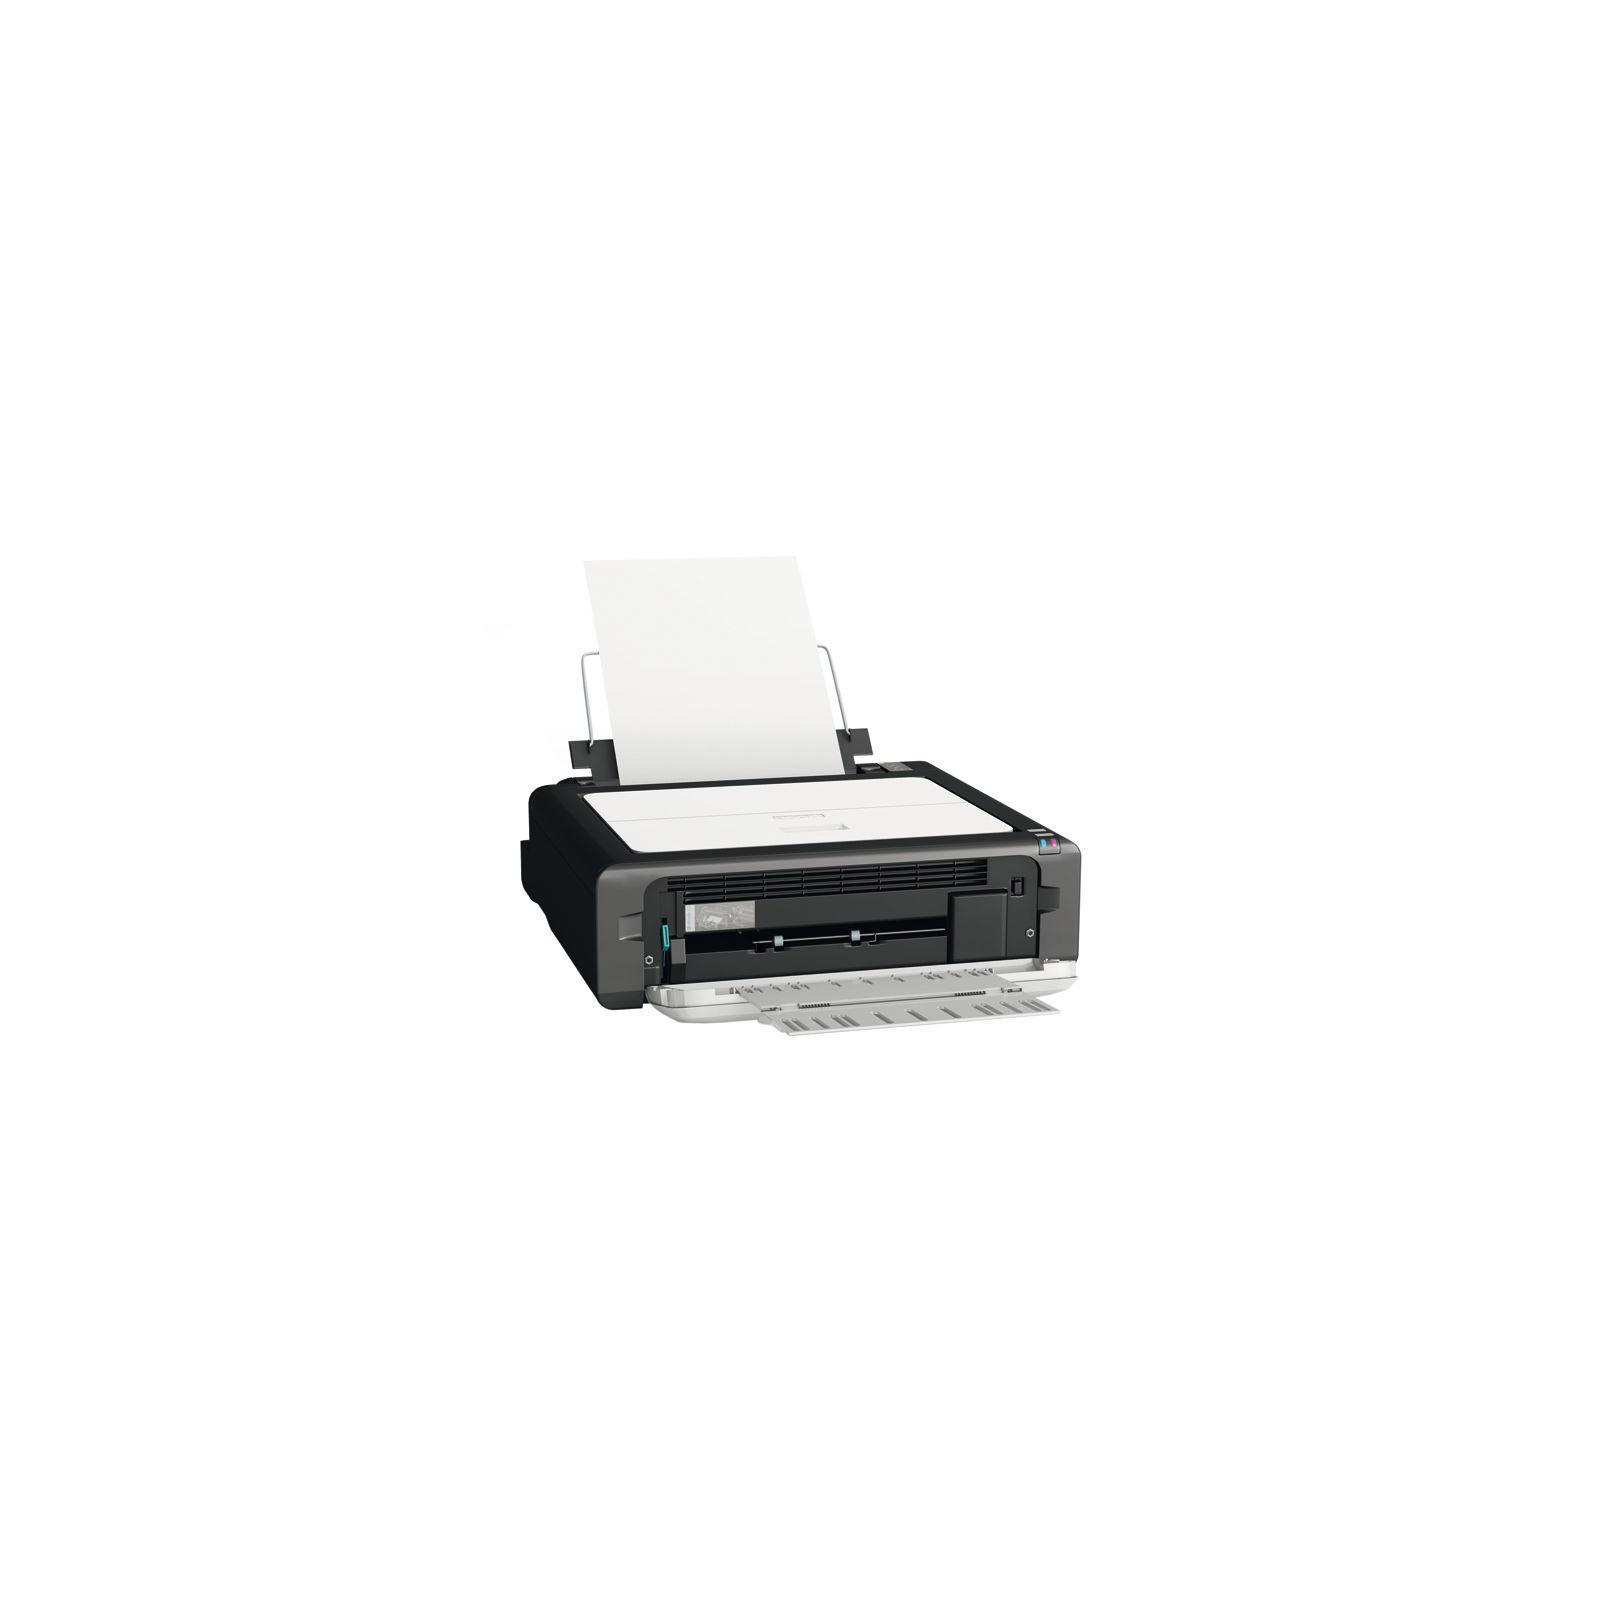 Лазерный принтер Ricoh SP111 (407415) изображение 5